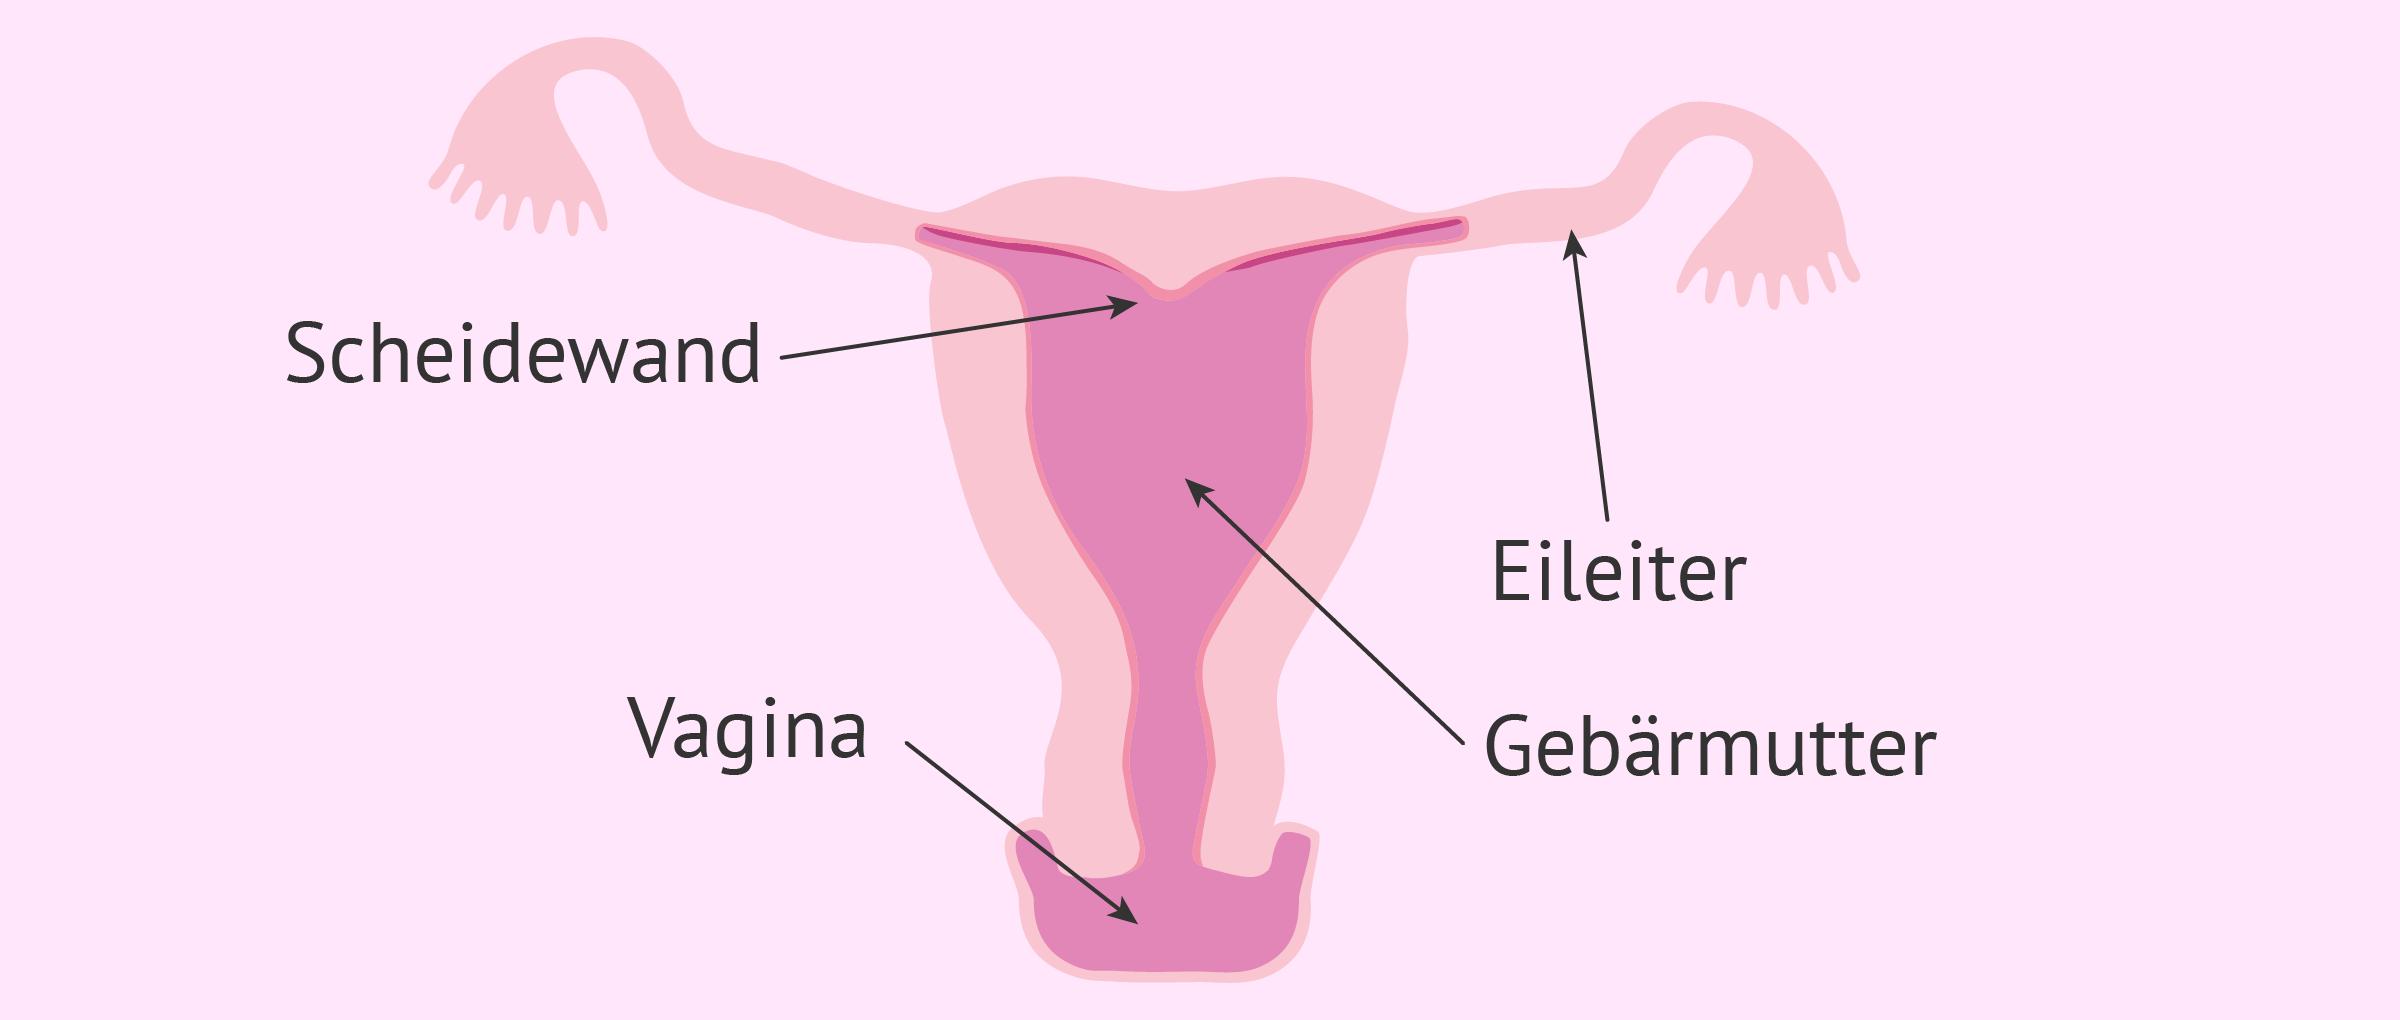 Uterus arcuatus